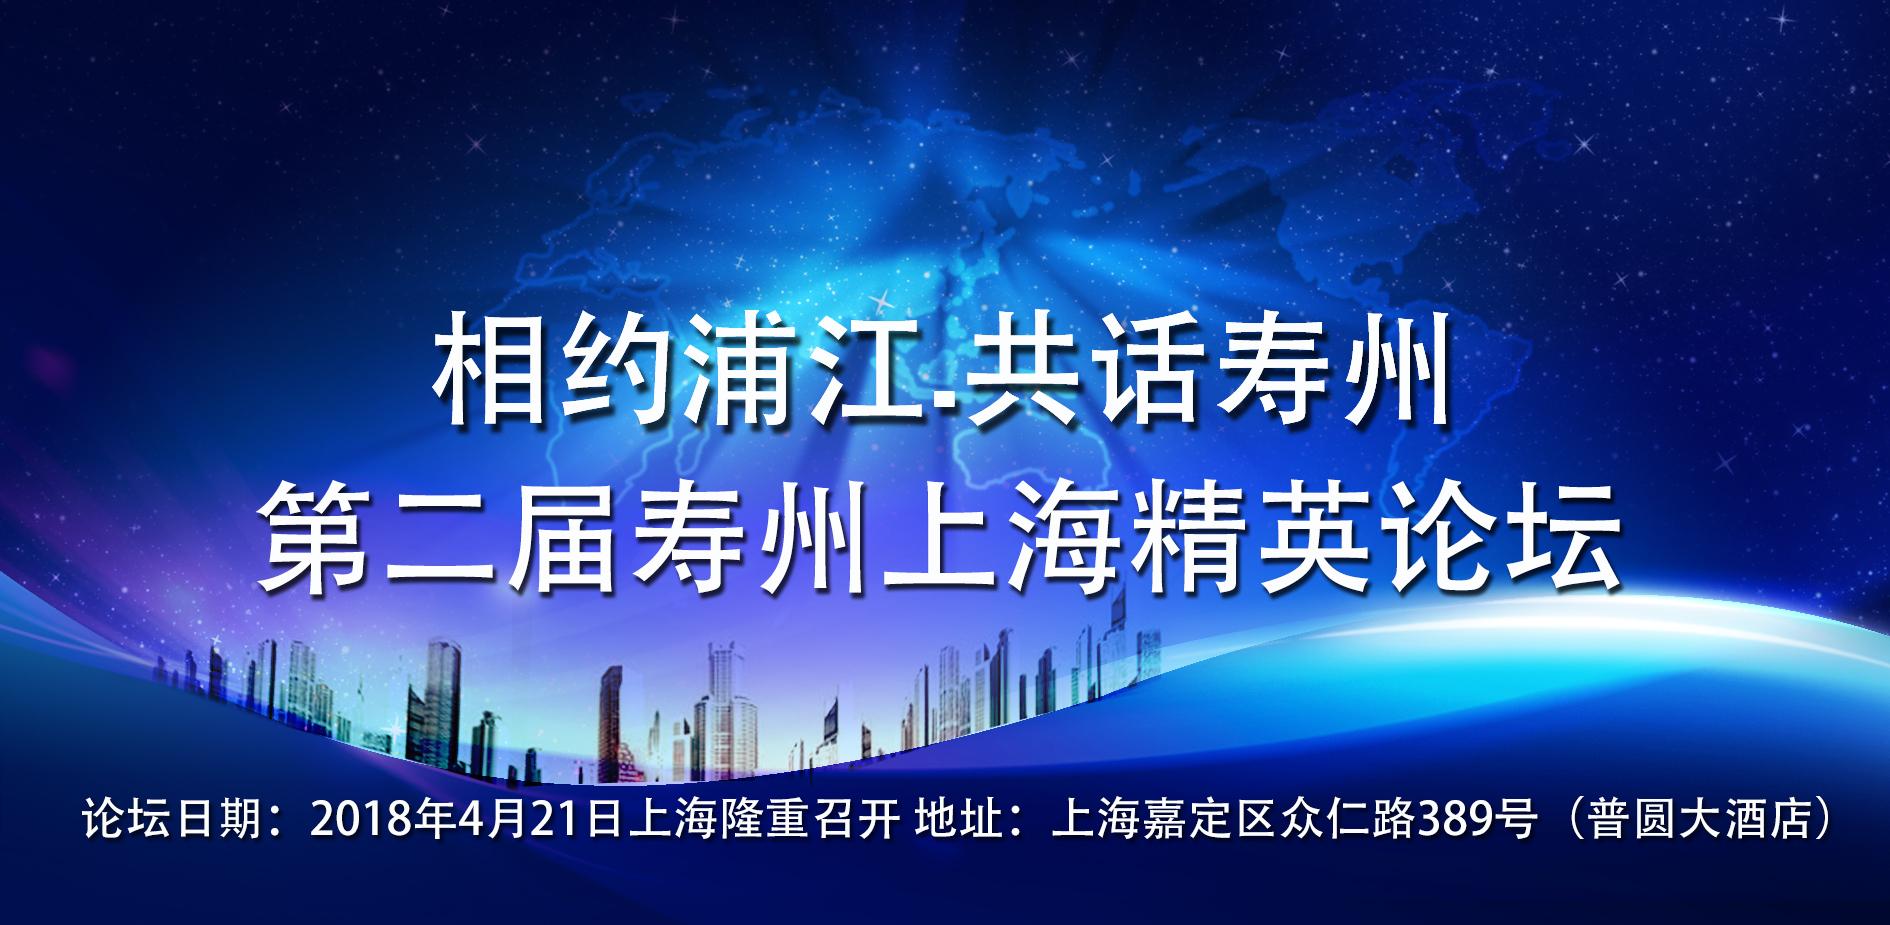 """相约浦江 共话寿州""""第二届寿州上海精英论坛""""将于4月21日上海隆重召开!"""